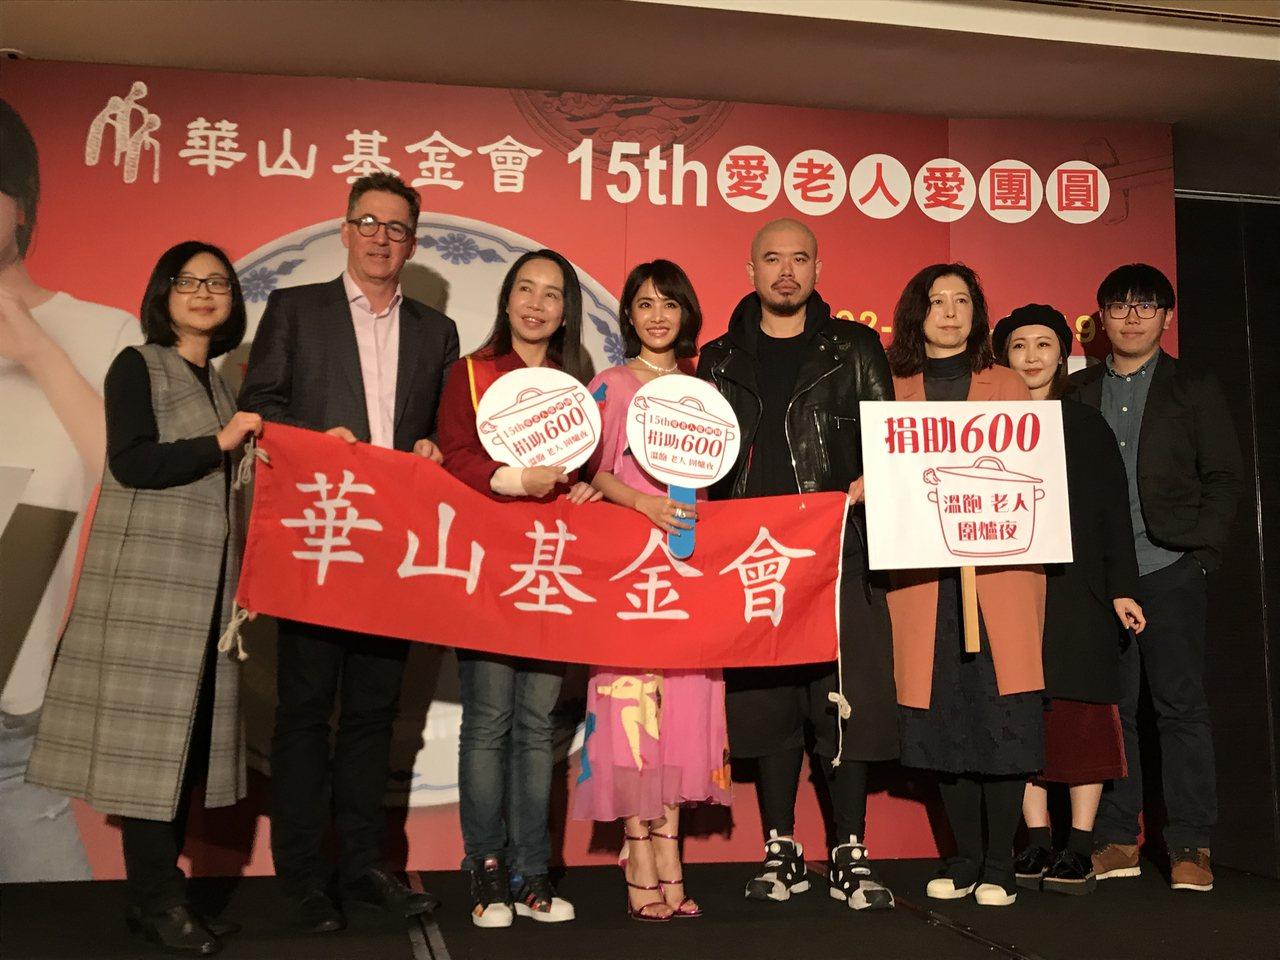 華山基金會邀請藝人蔡依林(中)擔任愛心大使。圖/華山基金會提供